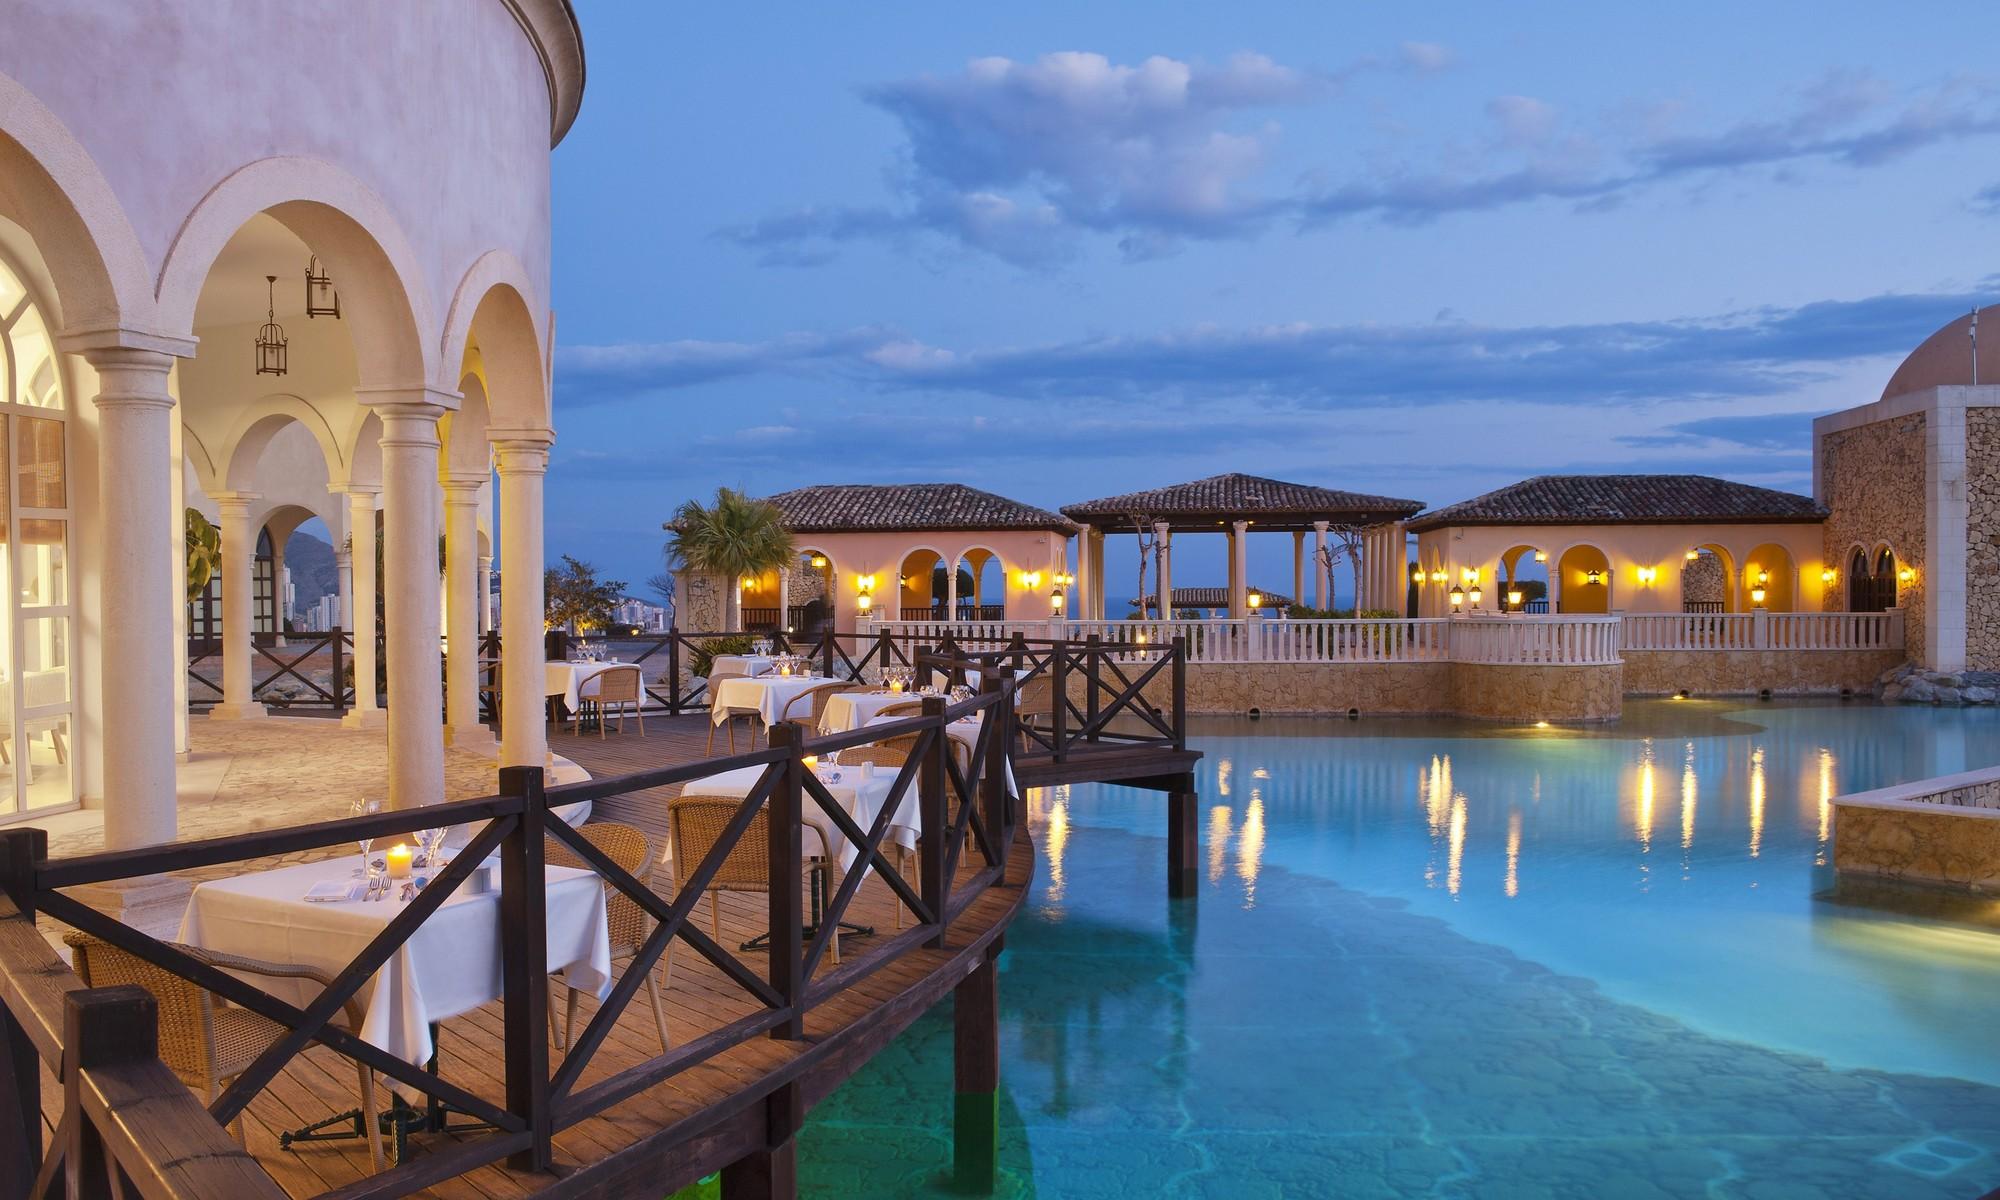 Un hotel de lujo para disfrutar de unas vacaciones en un pueblo mediterráneo 2